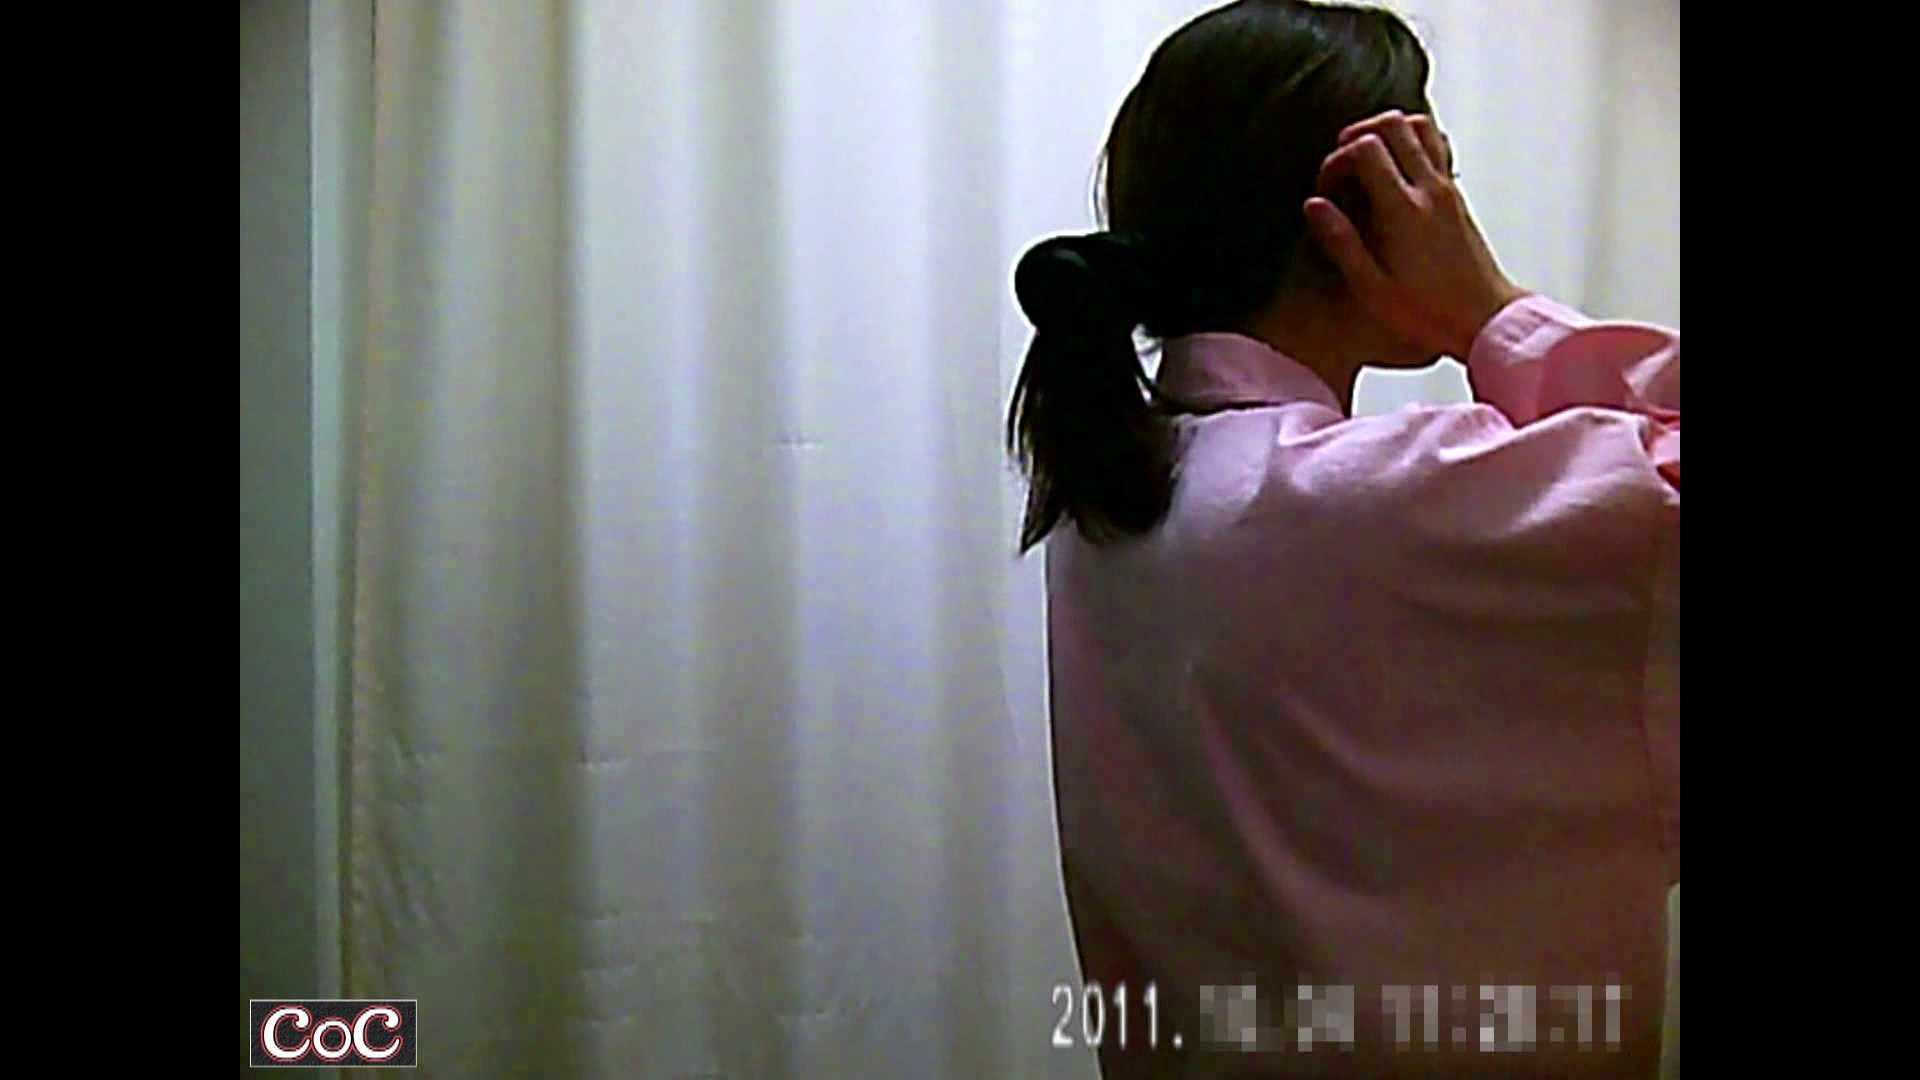 病院おもいっきり着替え! vol.51 盗撮師作品 ヌード画像 89pic 52